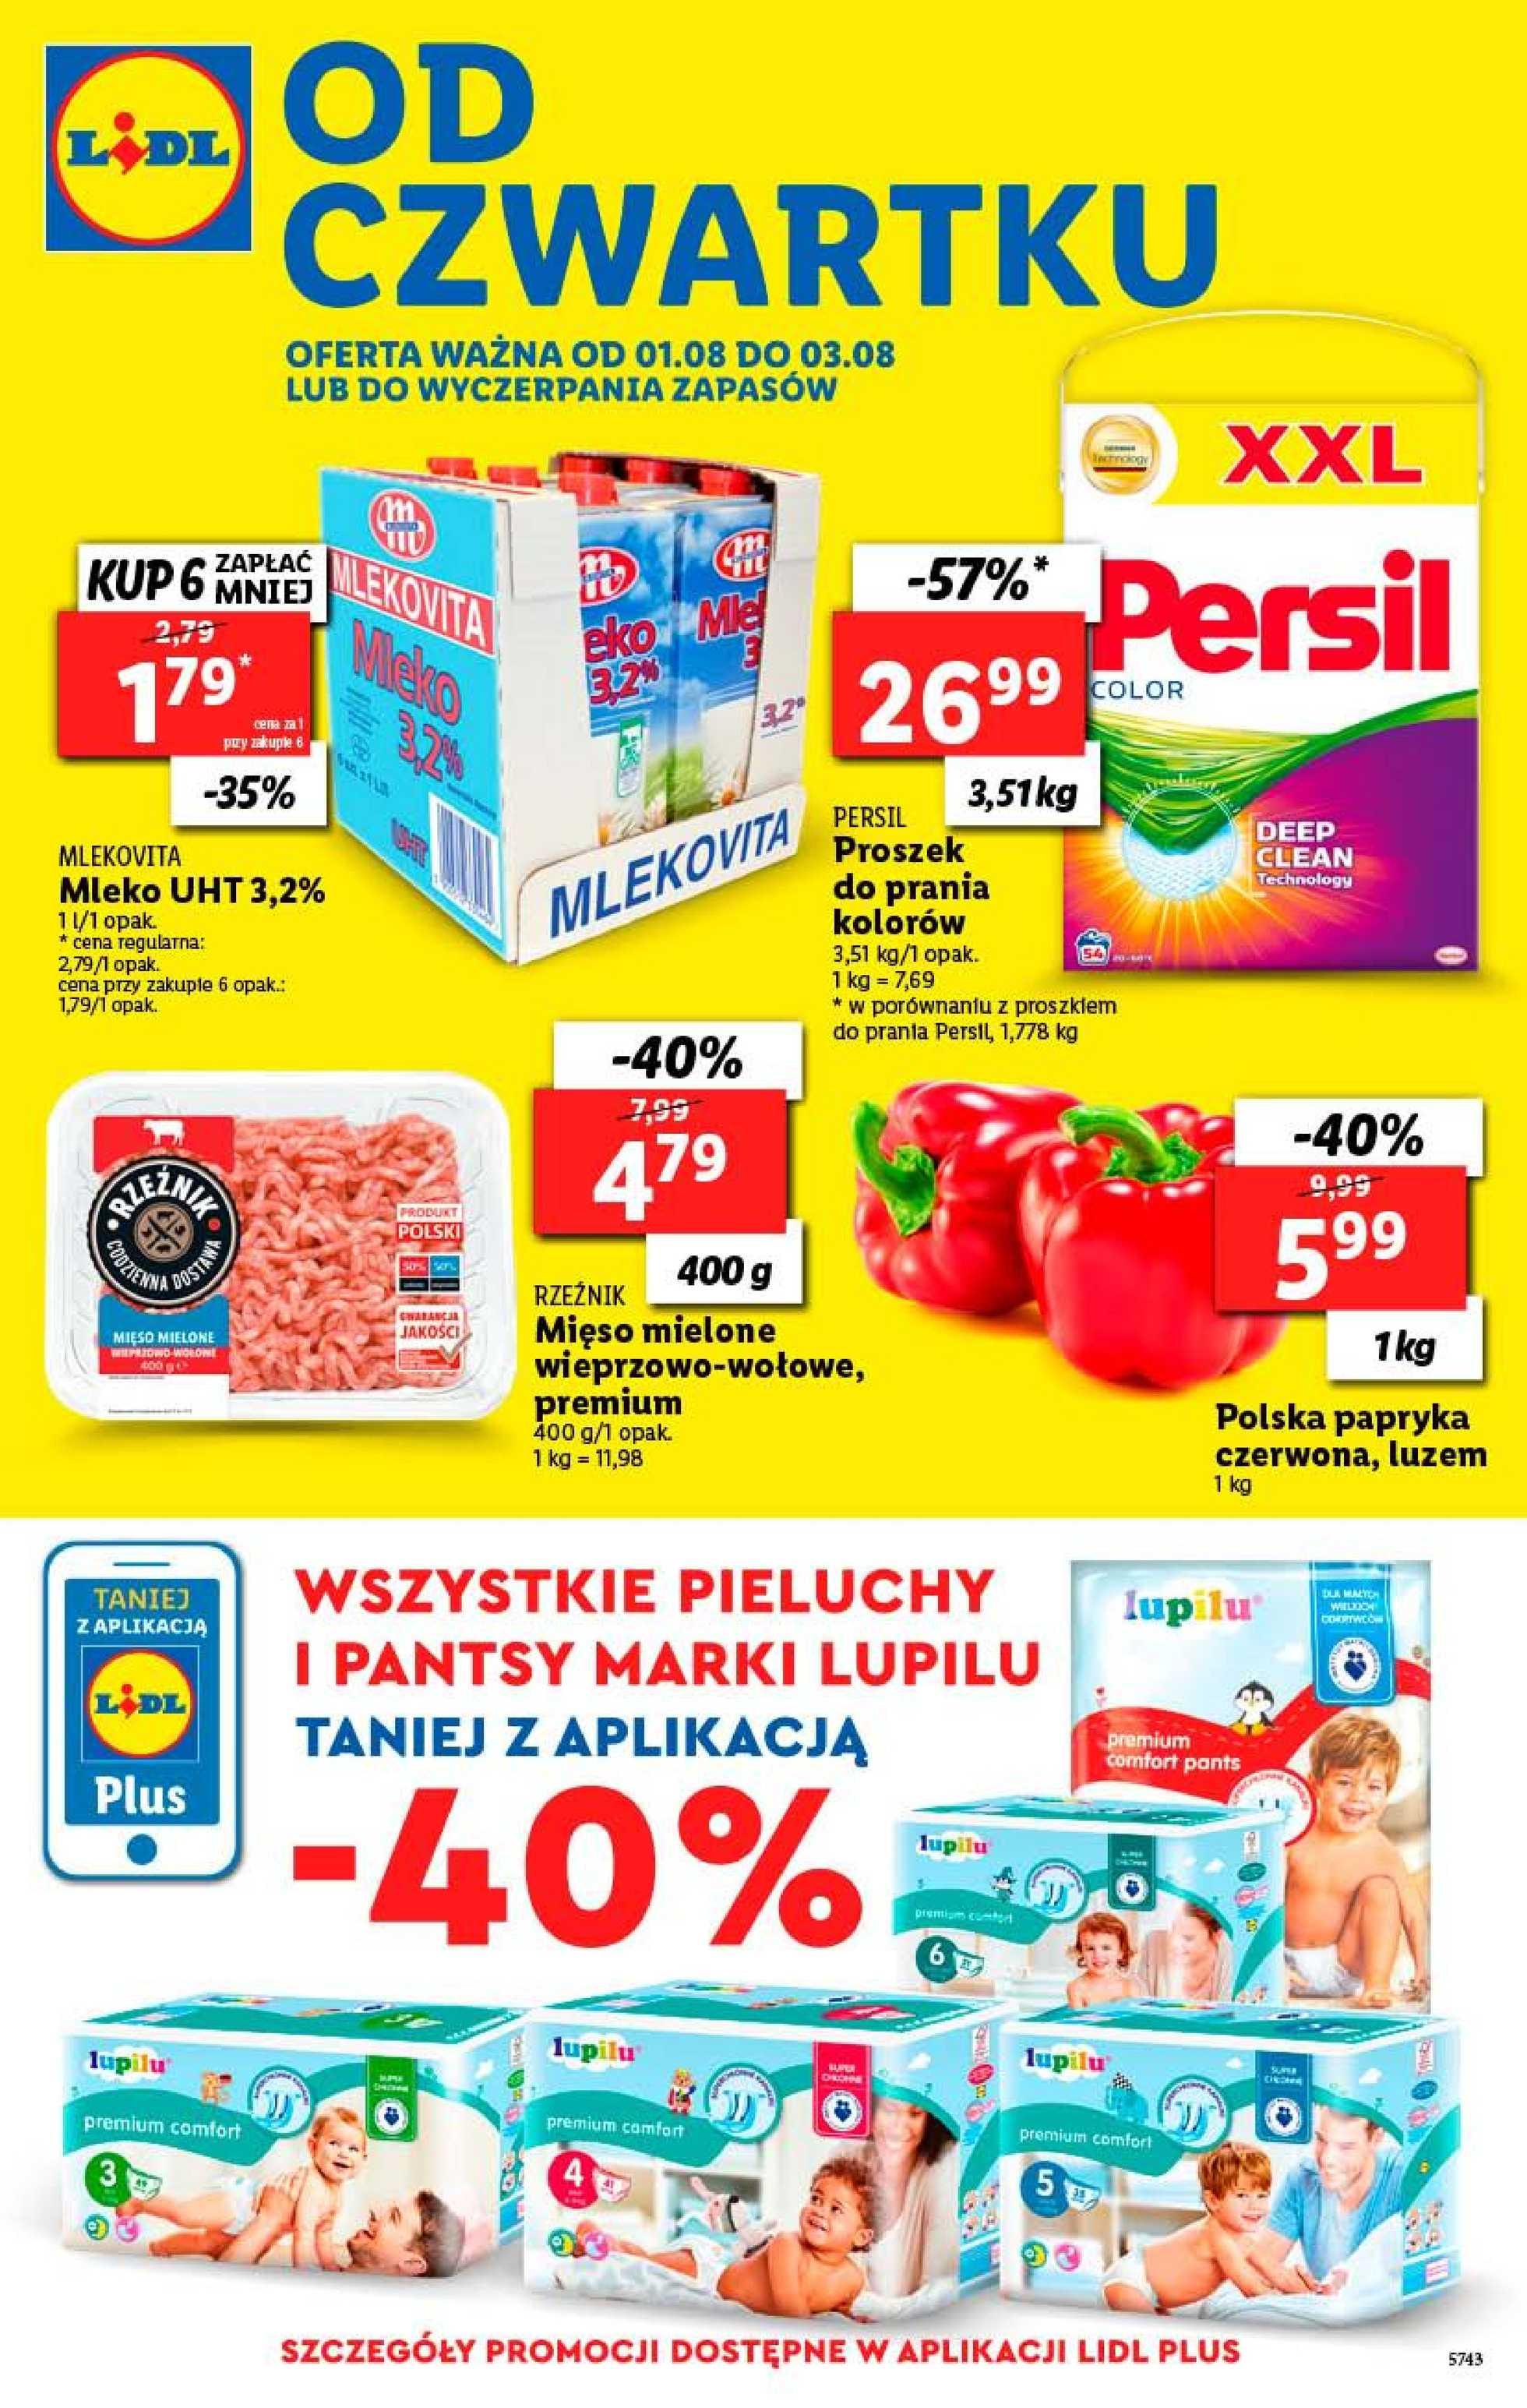 Lidl - gazetka promocyjna ważna od 01.08.2019 do 03.08.2019 - strona 1.